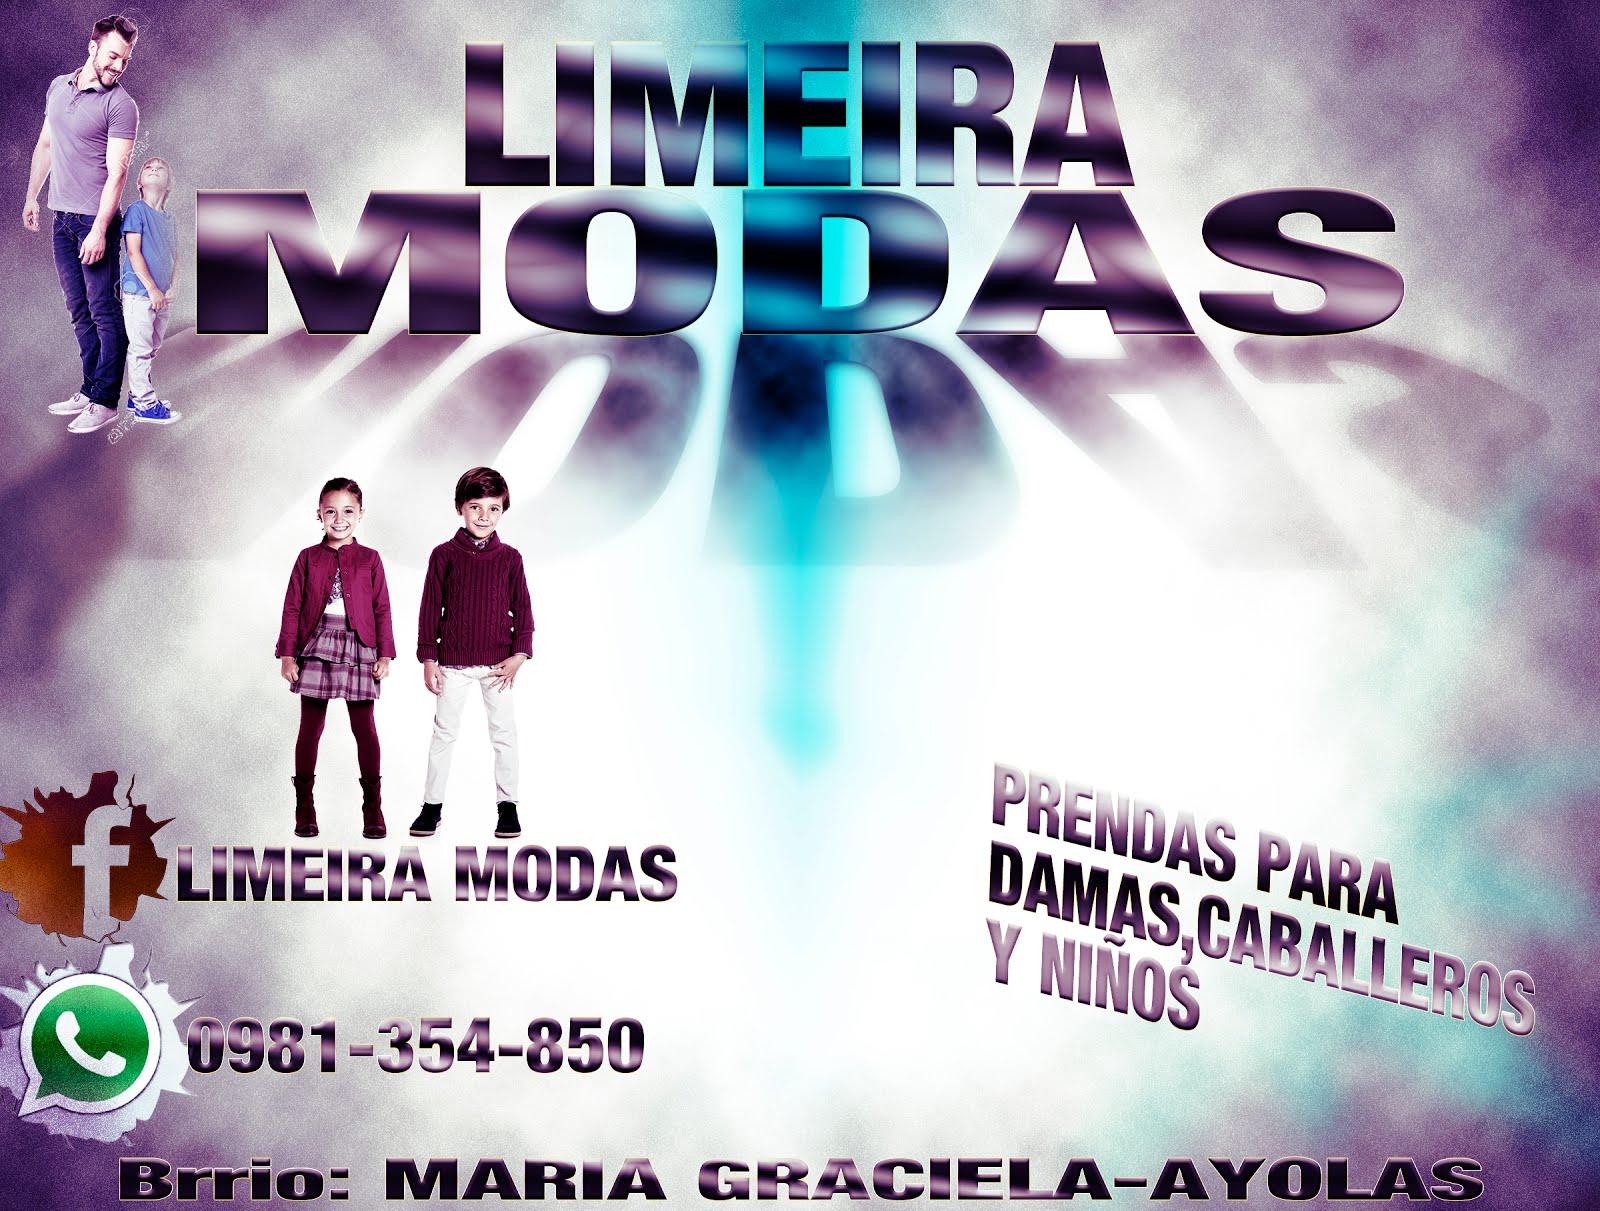 LIMEIRA MODAS-MARIA GRACIELA